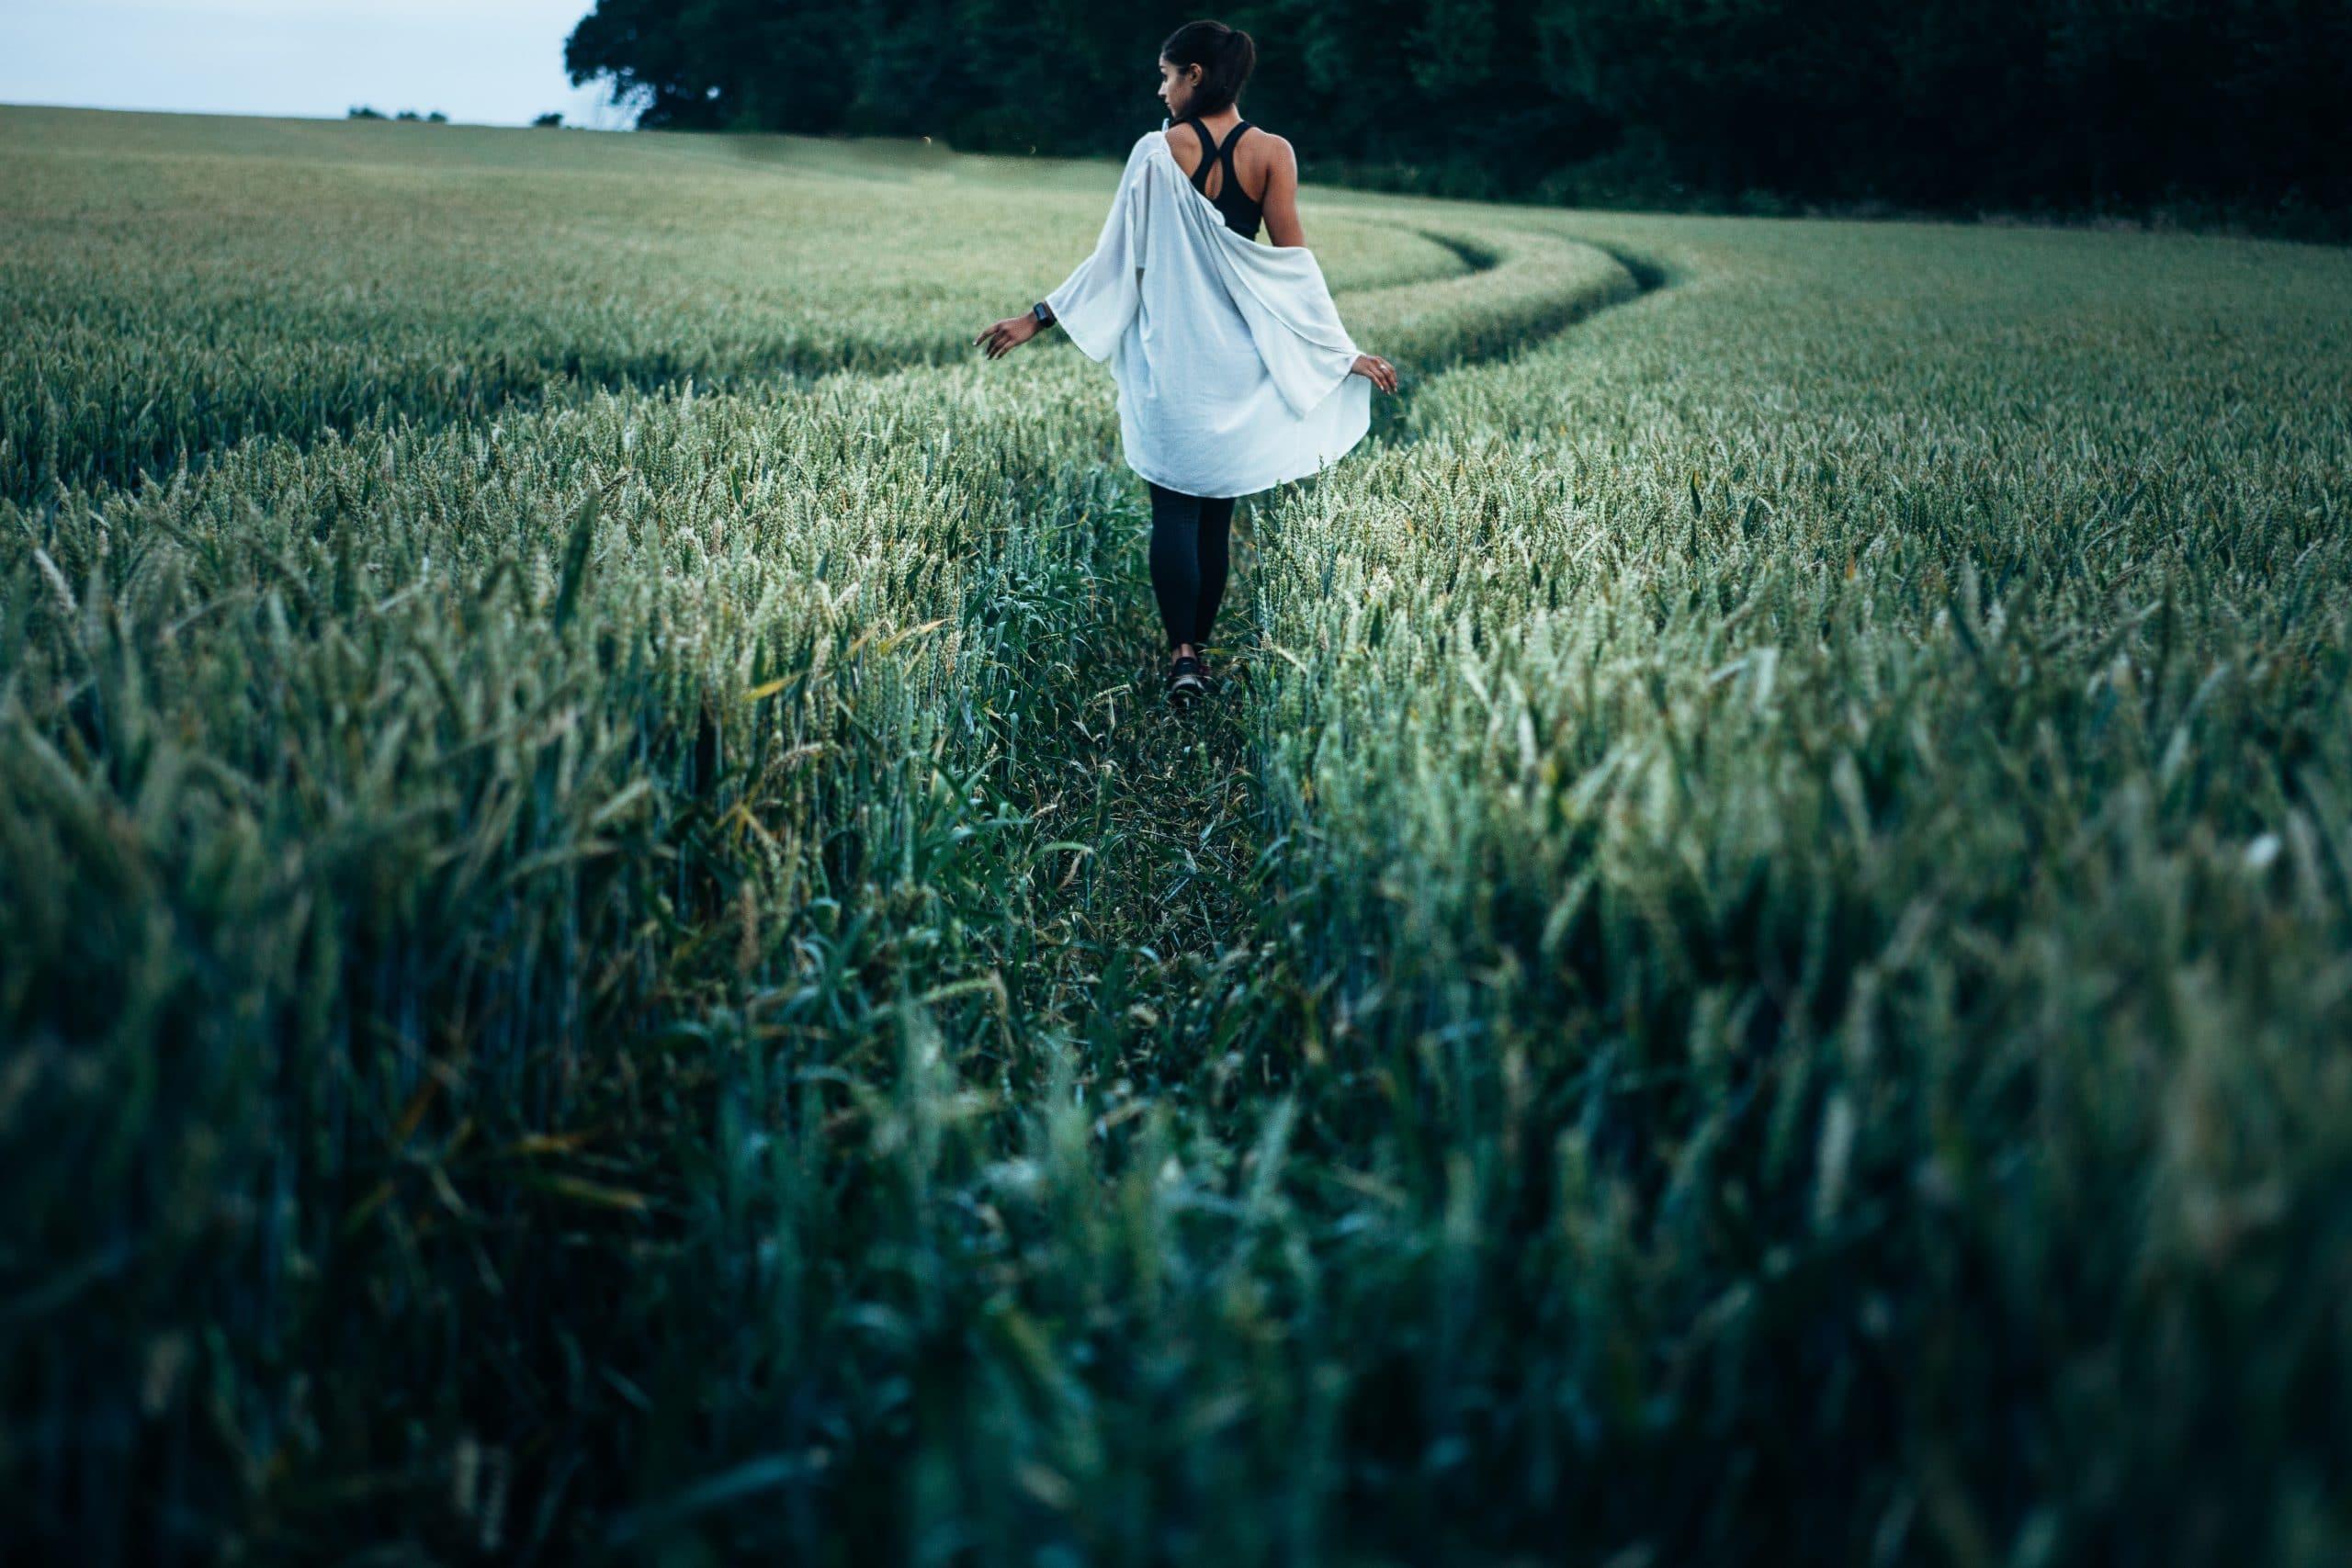 Mulher caminhando em campo com mata verde vista de costas